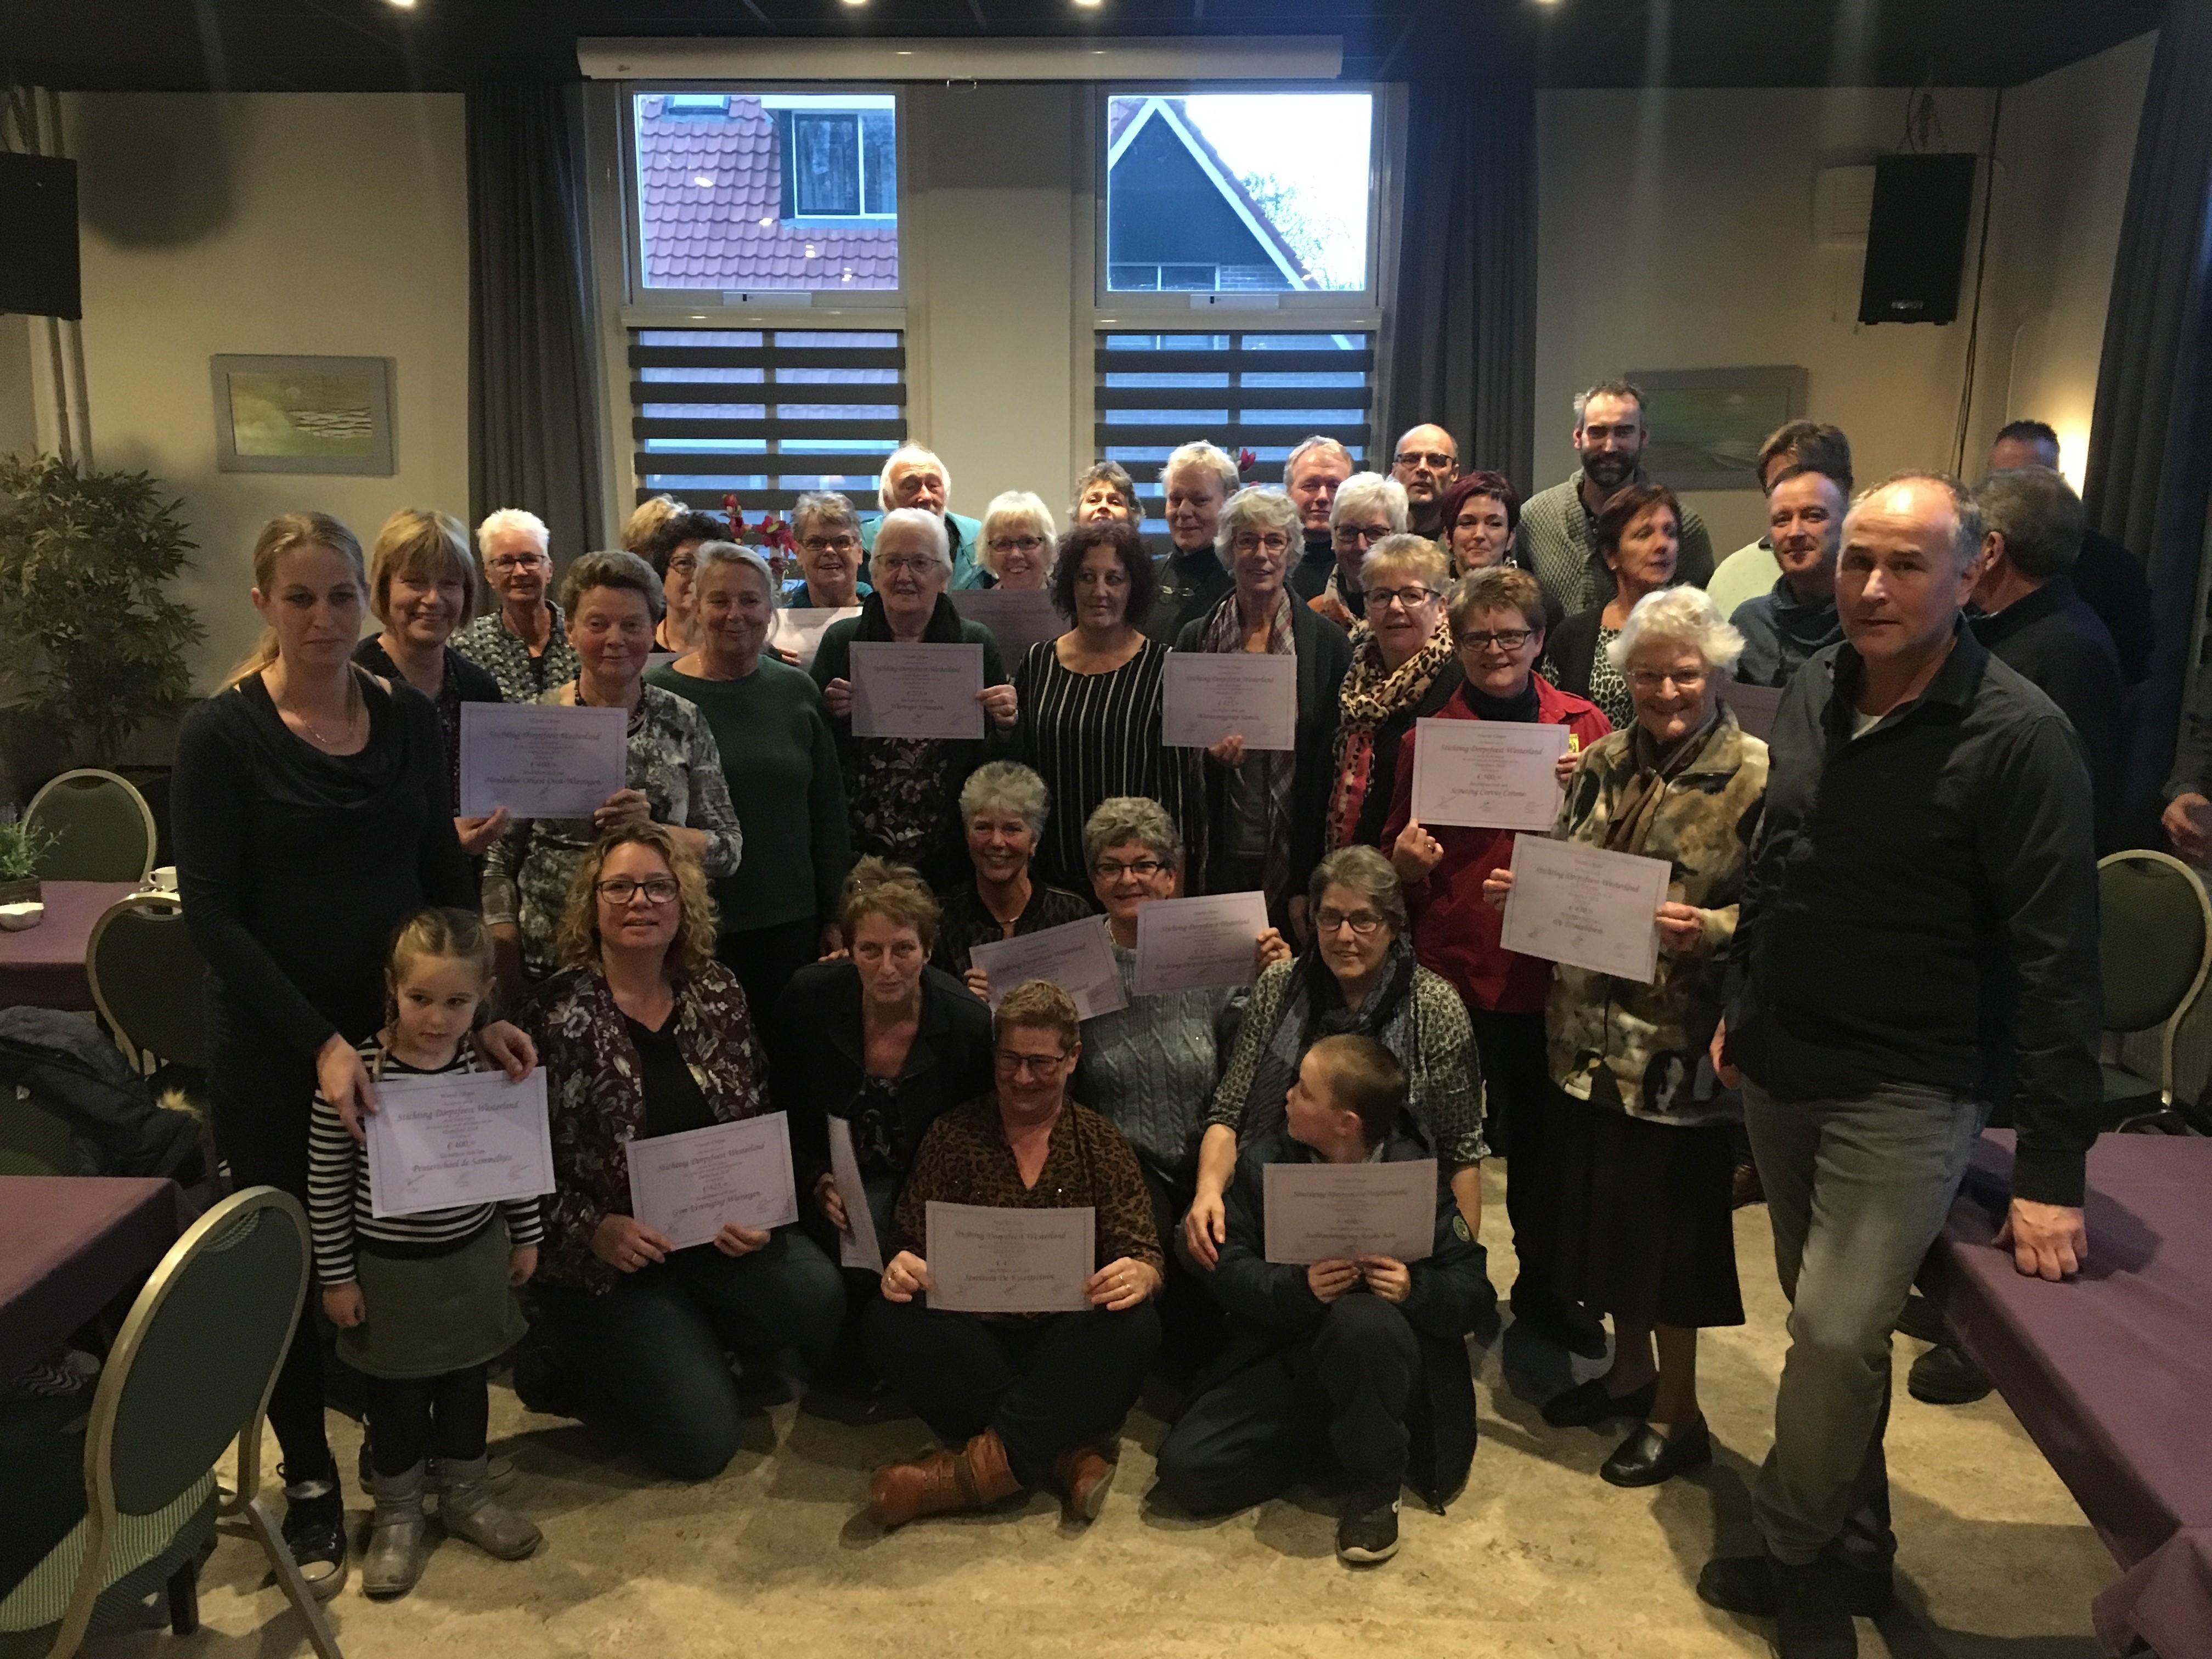 De vertegenwoordigers van de Wieringer verenigingen zijn blij met de extra bijdrage. (Foto: aangeleverd)